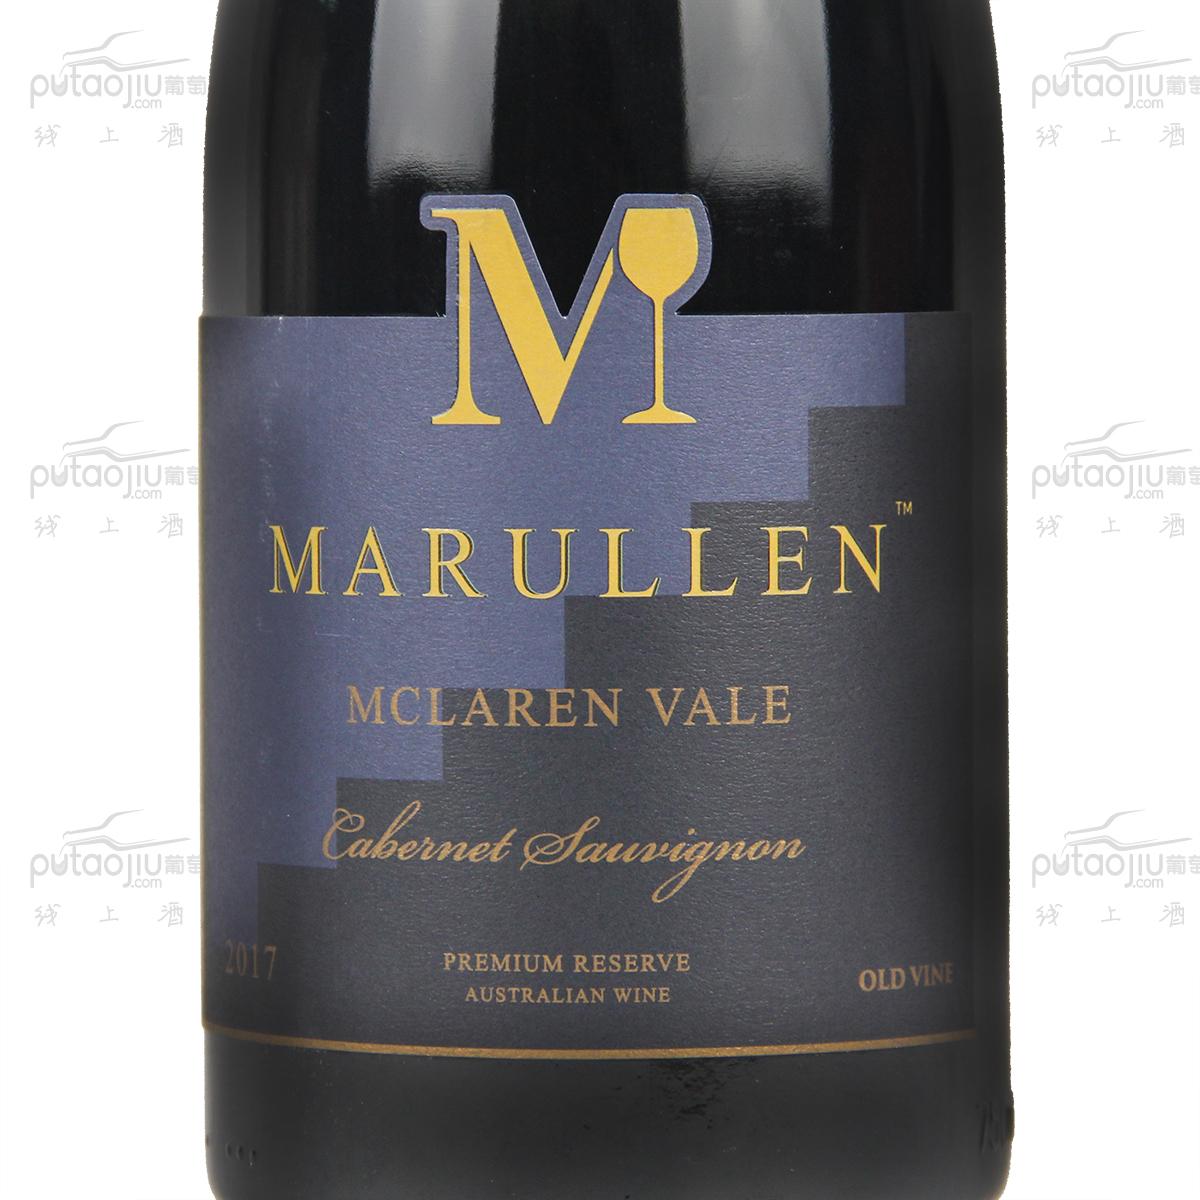 澳大利亚麦克拉伦谷产区盛宴酒庄萬瑞涞赤霞珠印象. 融和干红葡萄酒